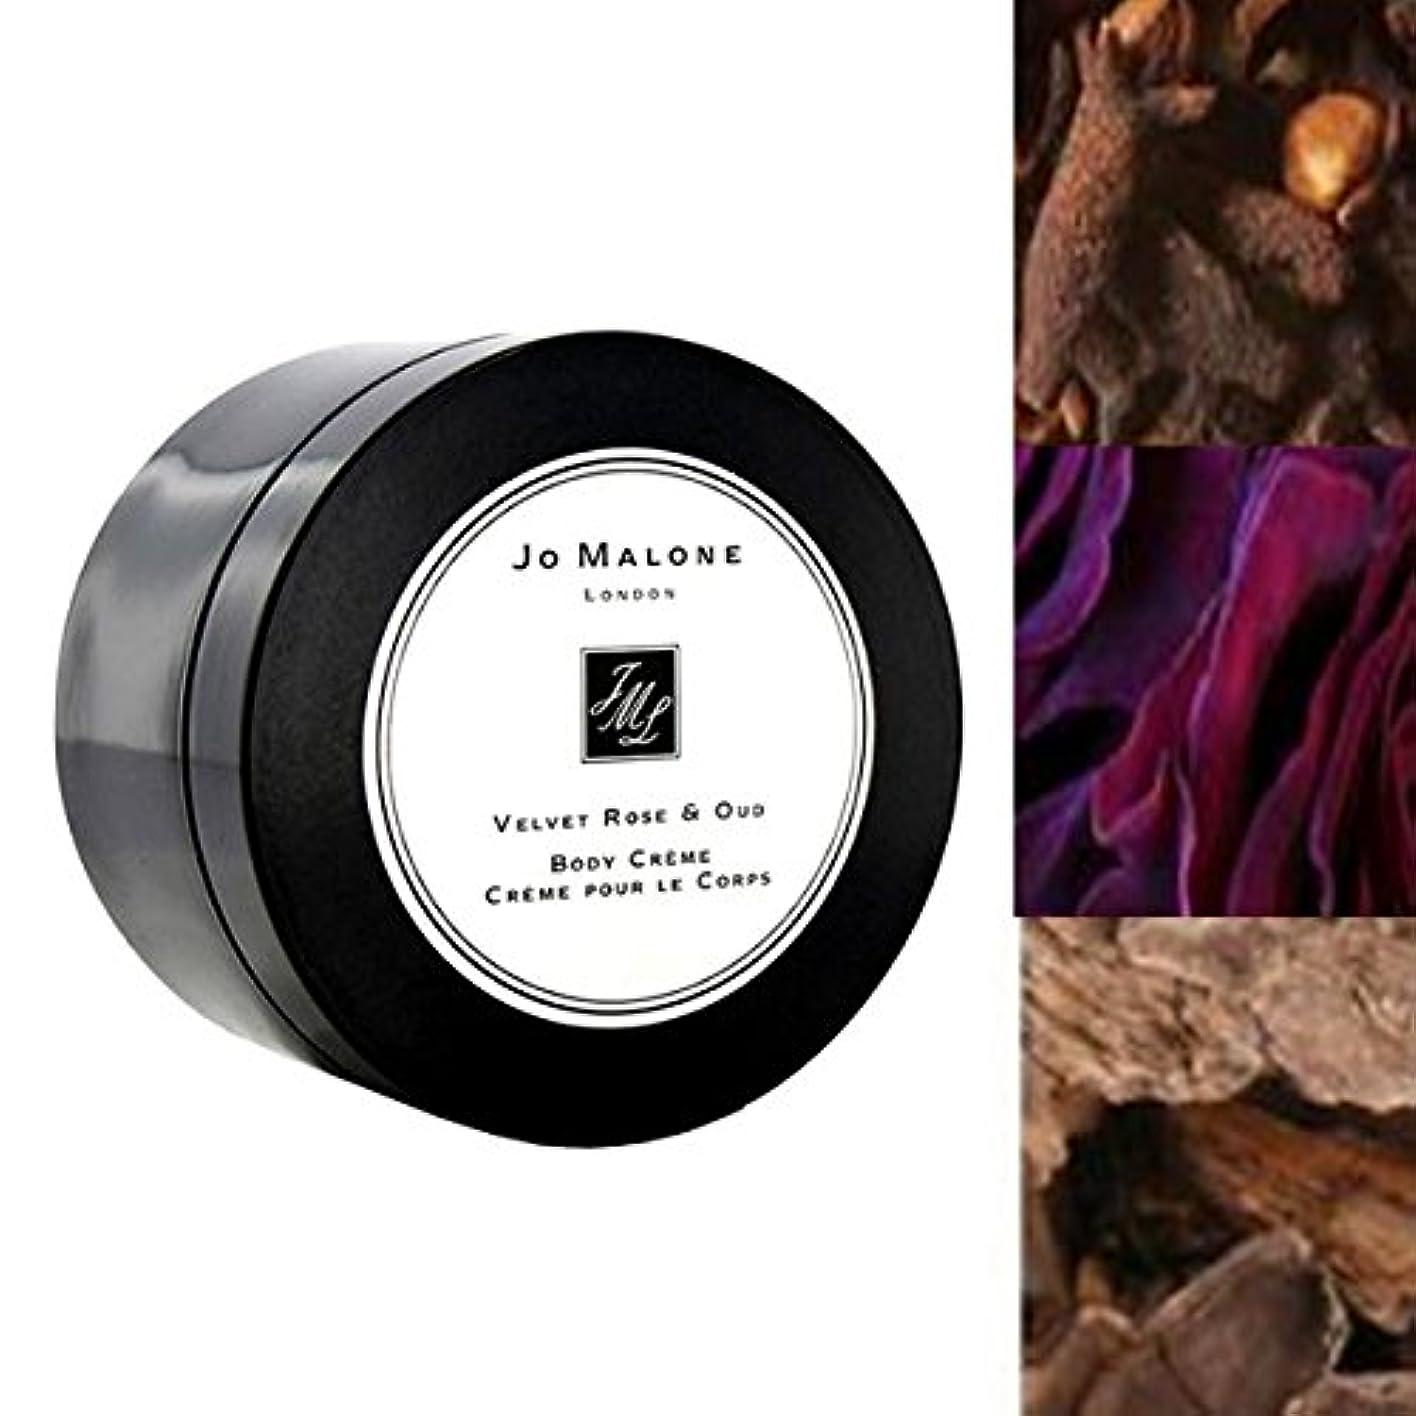 知らせる波紋カトリック教徒Jo Malone London ジョーマローン, Velvet Rose & Oud Body Crème (5.9 oz.)[海外直送品] [並行輸入品]